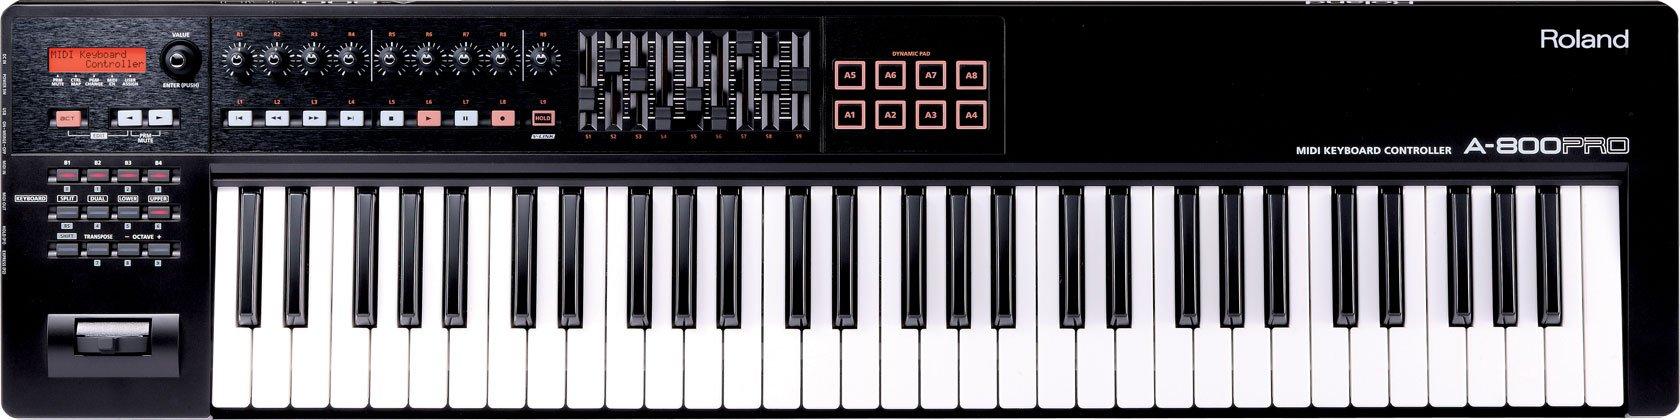 Roland 61-key MIDI Keyboard Controller, black (A-800PRO-R) by Roland